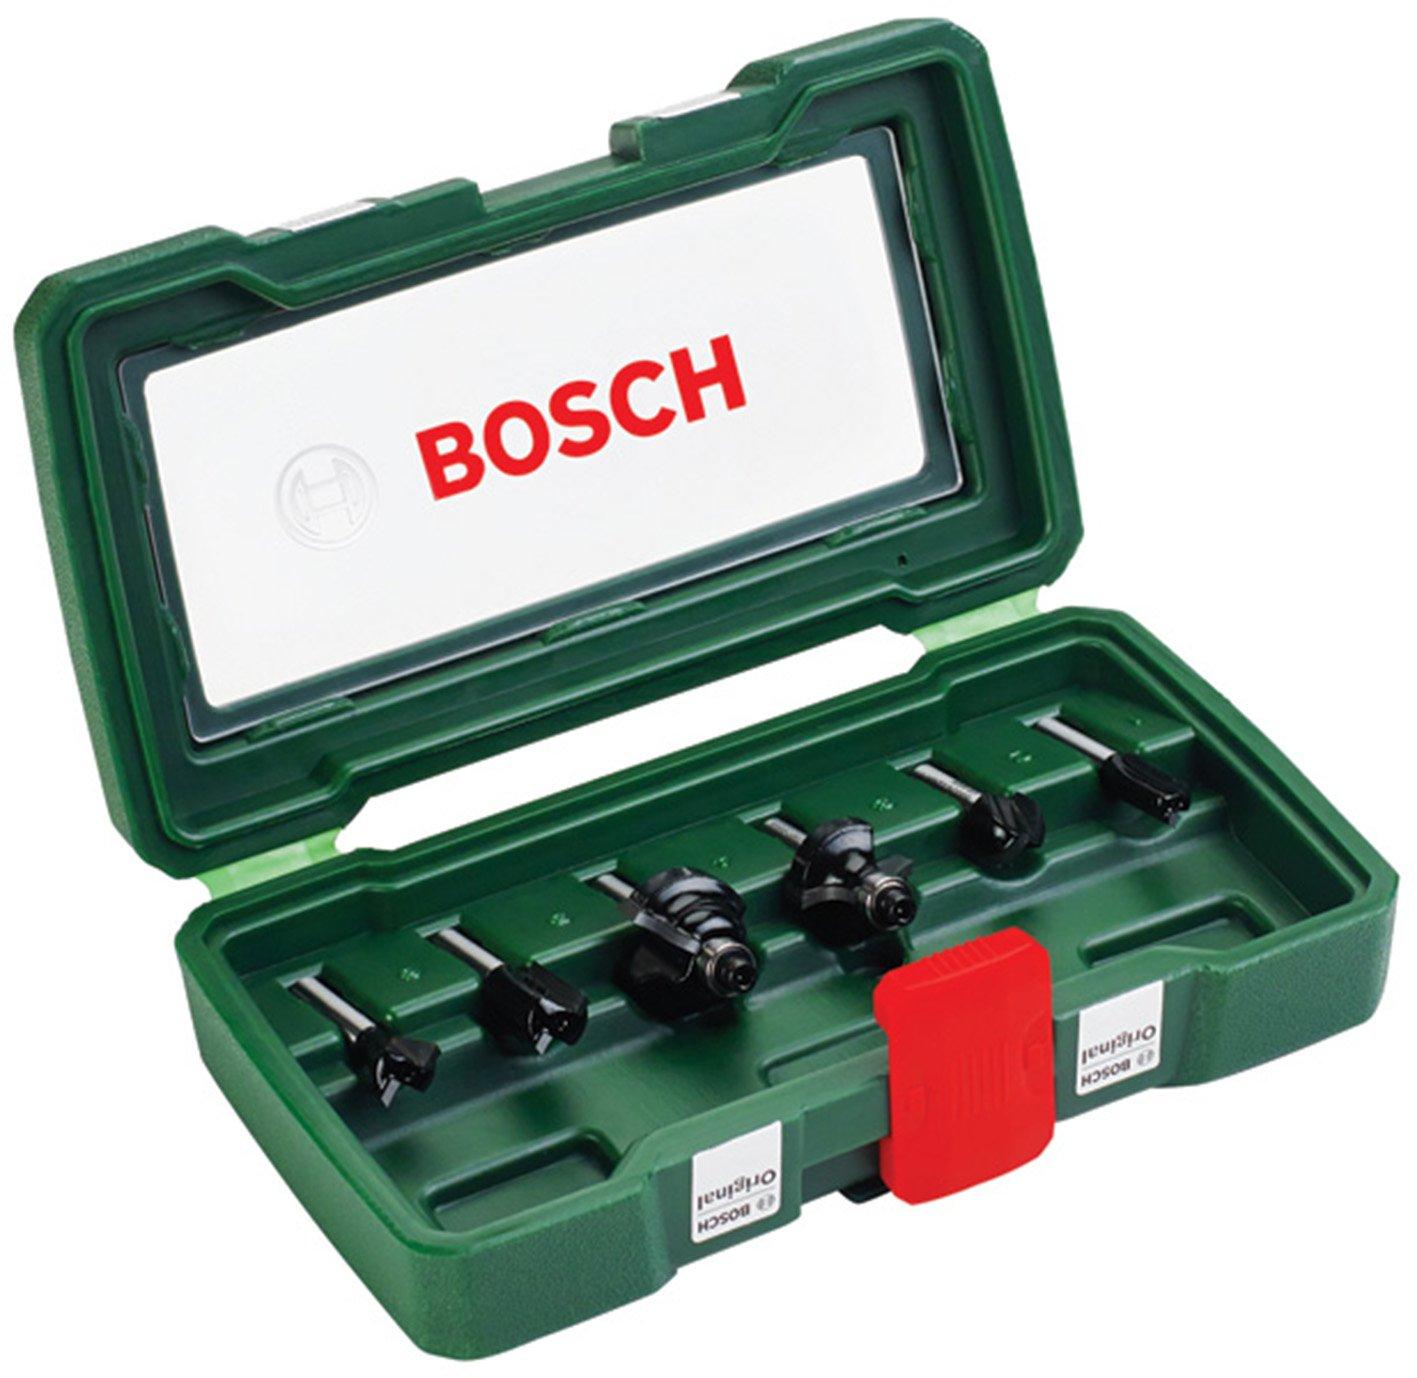 Bosch DIY 6tlg. Fräser-Set HM (Ø 6 mm) 2607019464